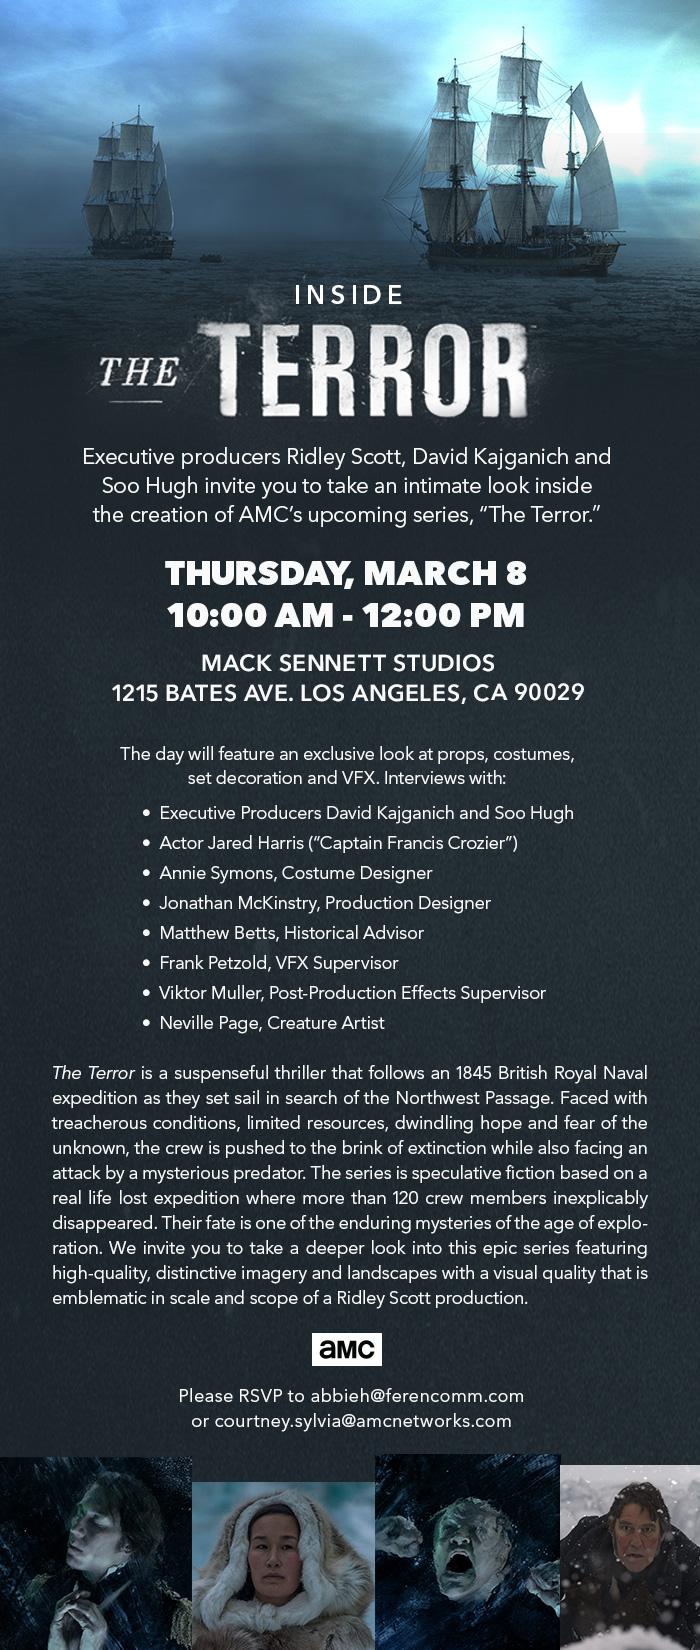 The Terror Event invite (eblast)